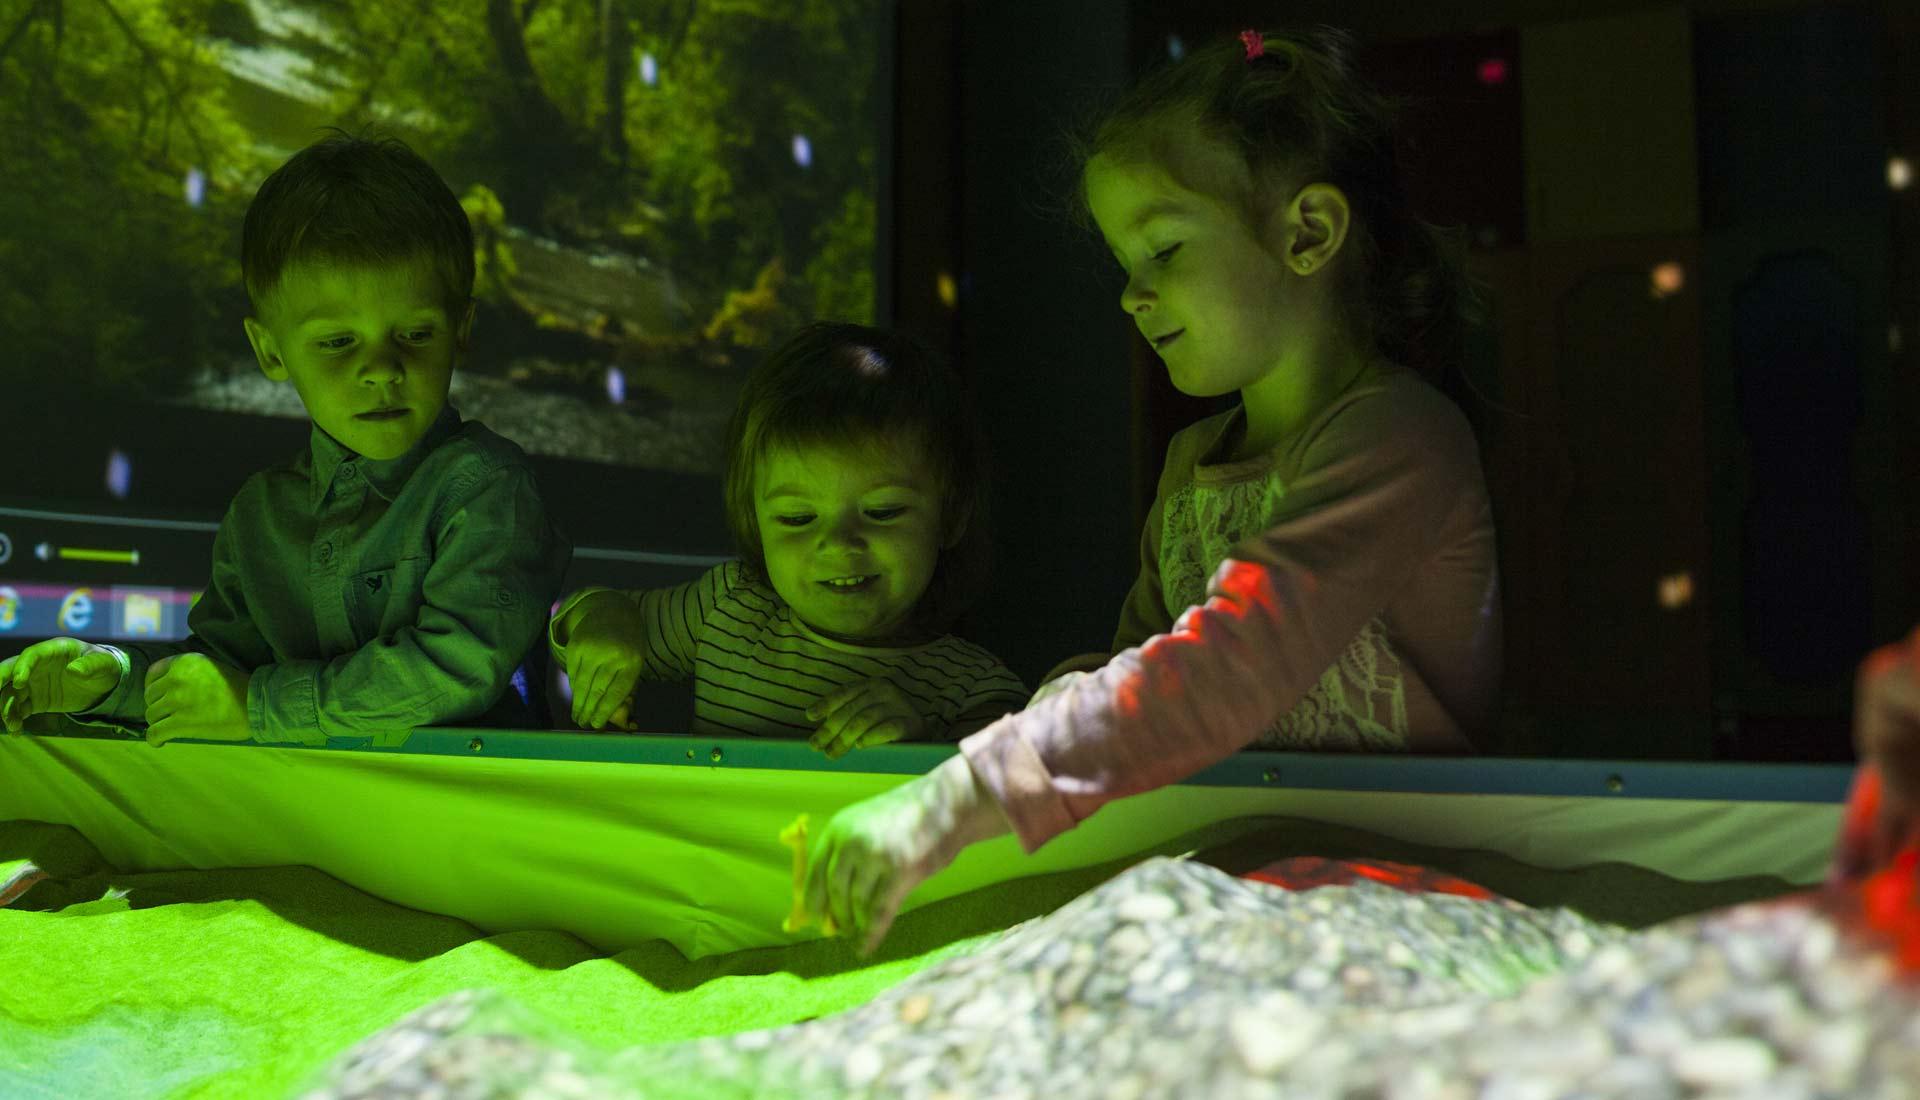 Анимационная мастерская в сенсорной комнате с гигантской Интерактивной песочницей